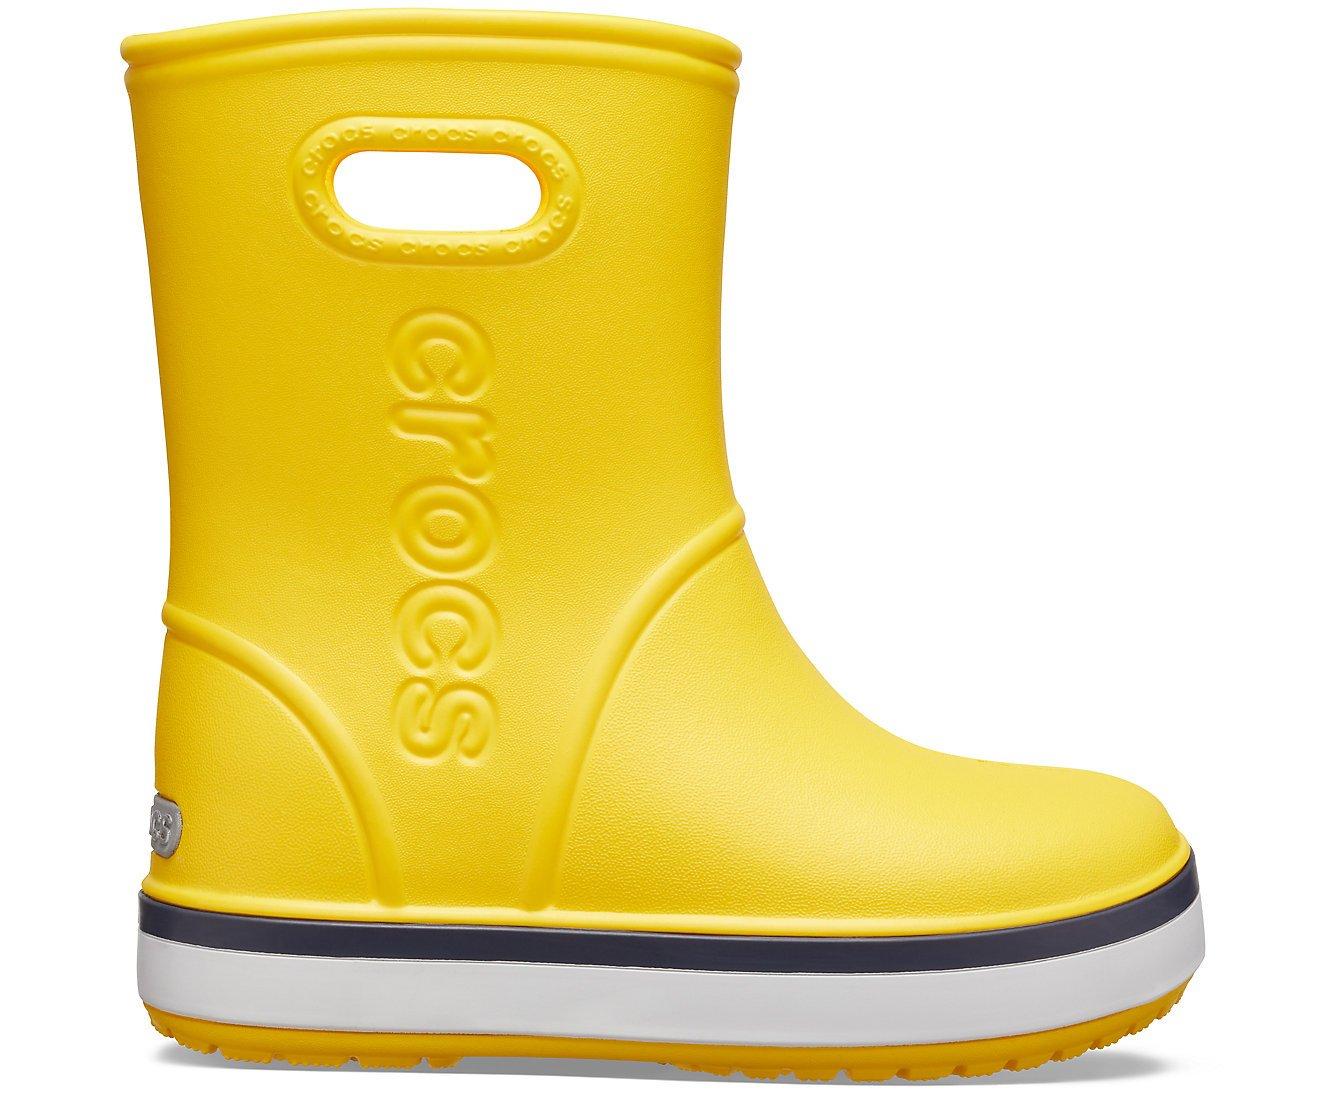 Crocs Crocband Rain Boot 34-35 EUR